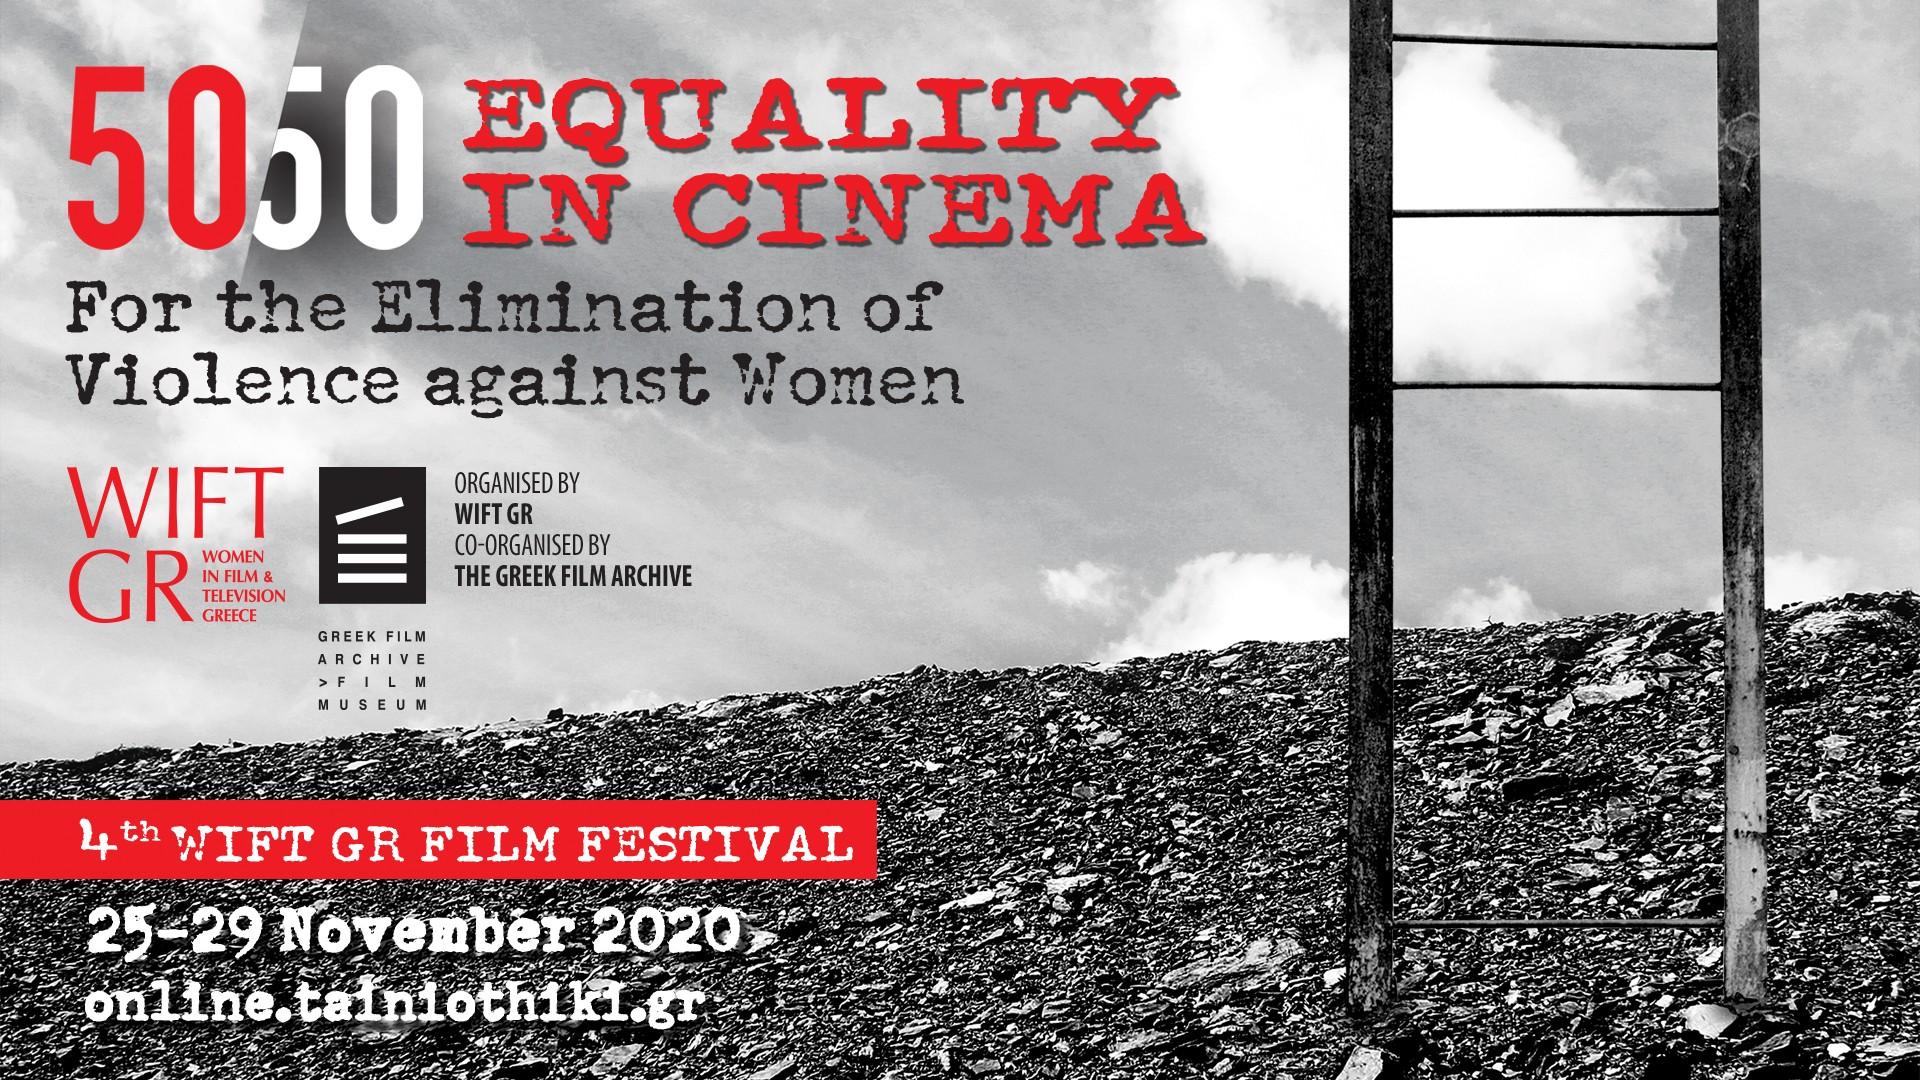 50/50 Equality in cinema | 25-29 November 2020